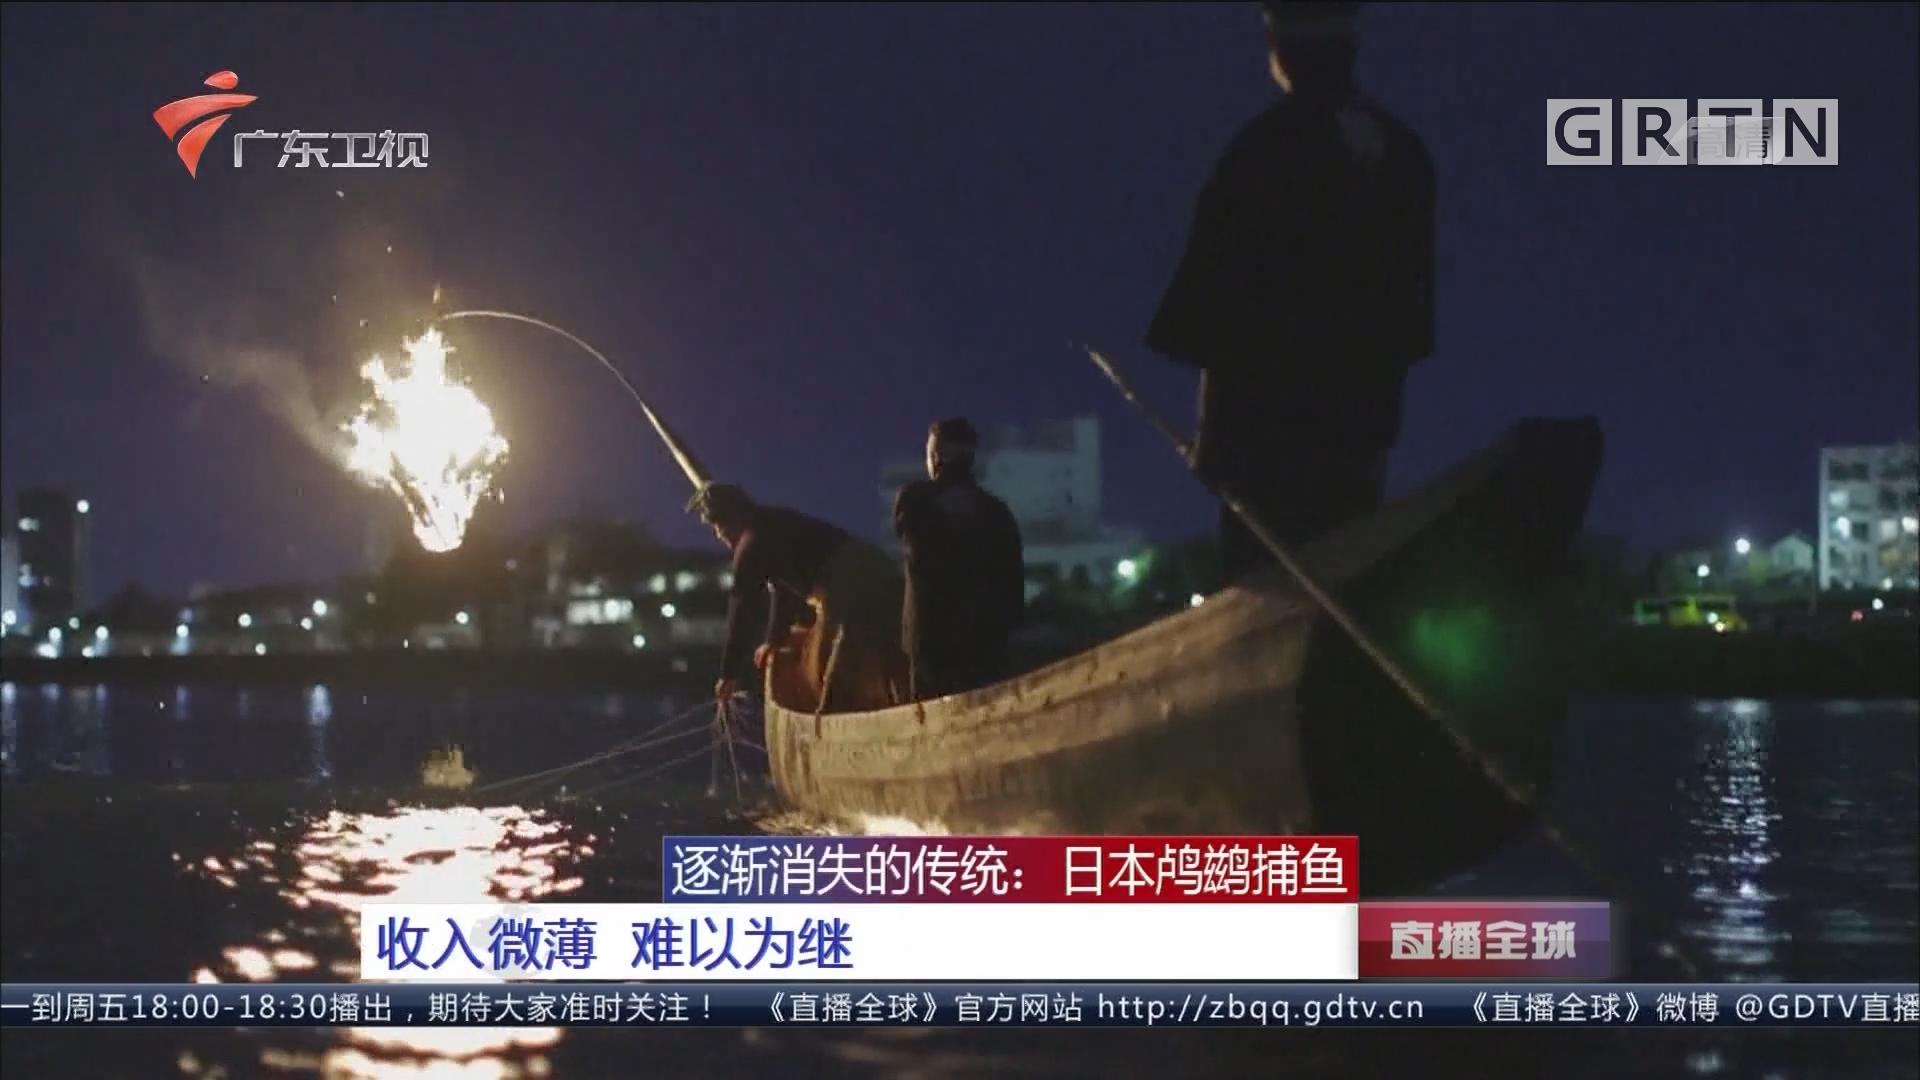 逐渐消失的传统:日本鸬鹚捕鱼 收入微薄 难以为继